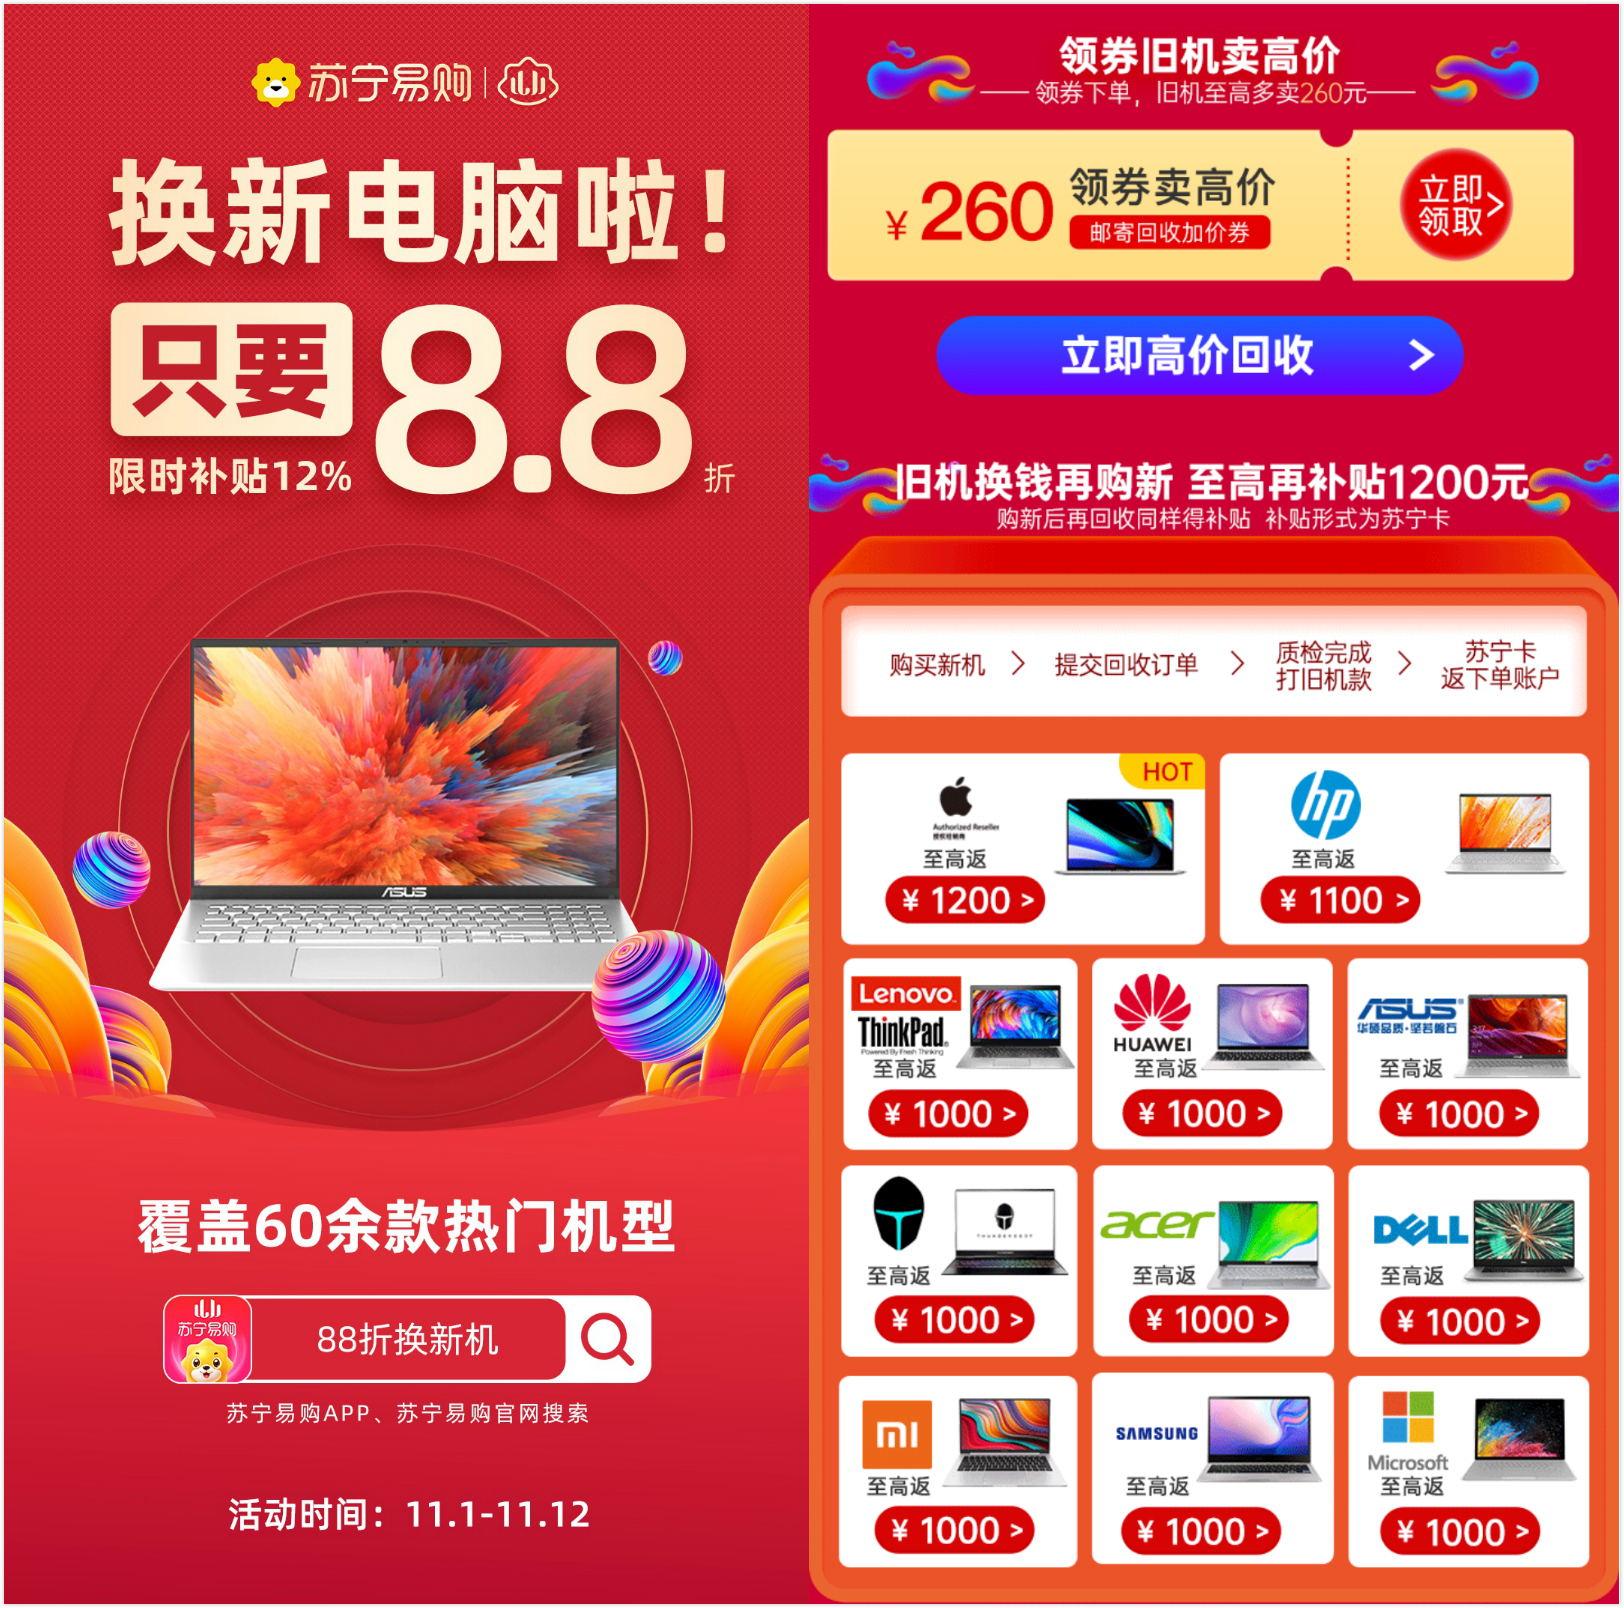 手机速回收网·苏宁双11发狠招 购新仅需8.8折,返12%新机款